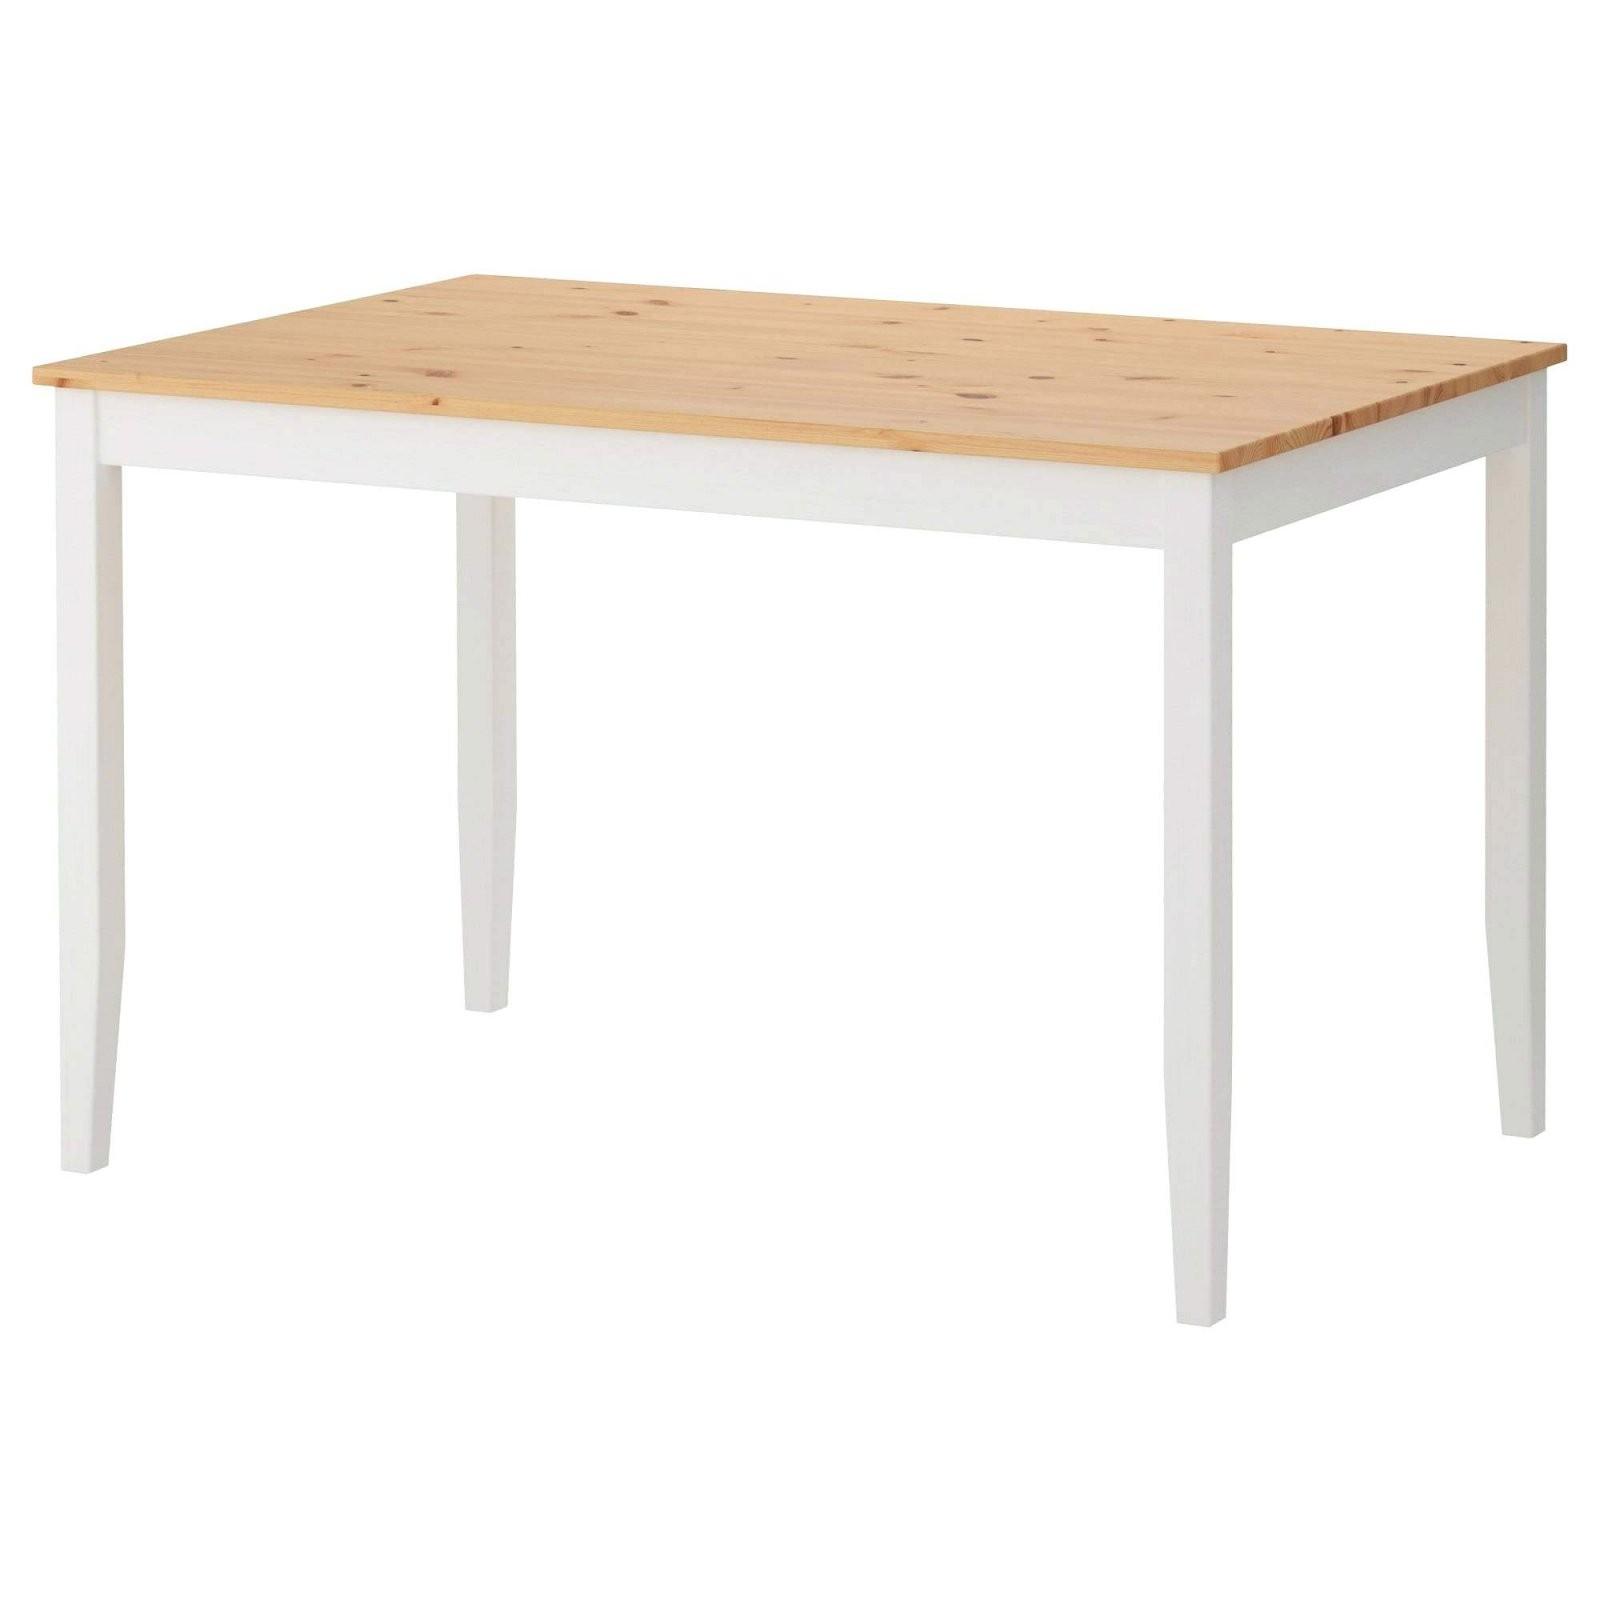 Esstisch Weis Teak Eiche Massiv Gebeizt Neu Wildeiche Zonehausedeko von Ikea Esstisch Eiche Massiv Bild